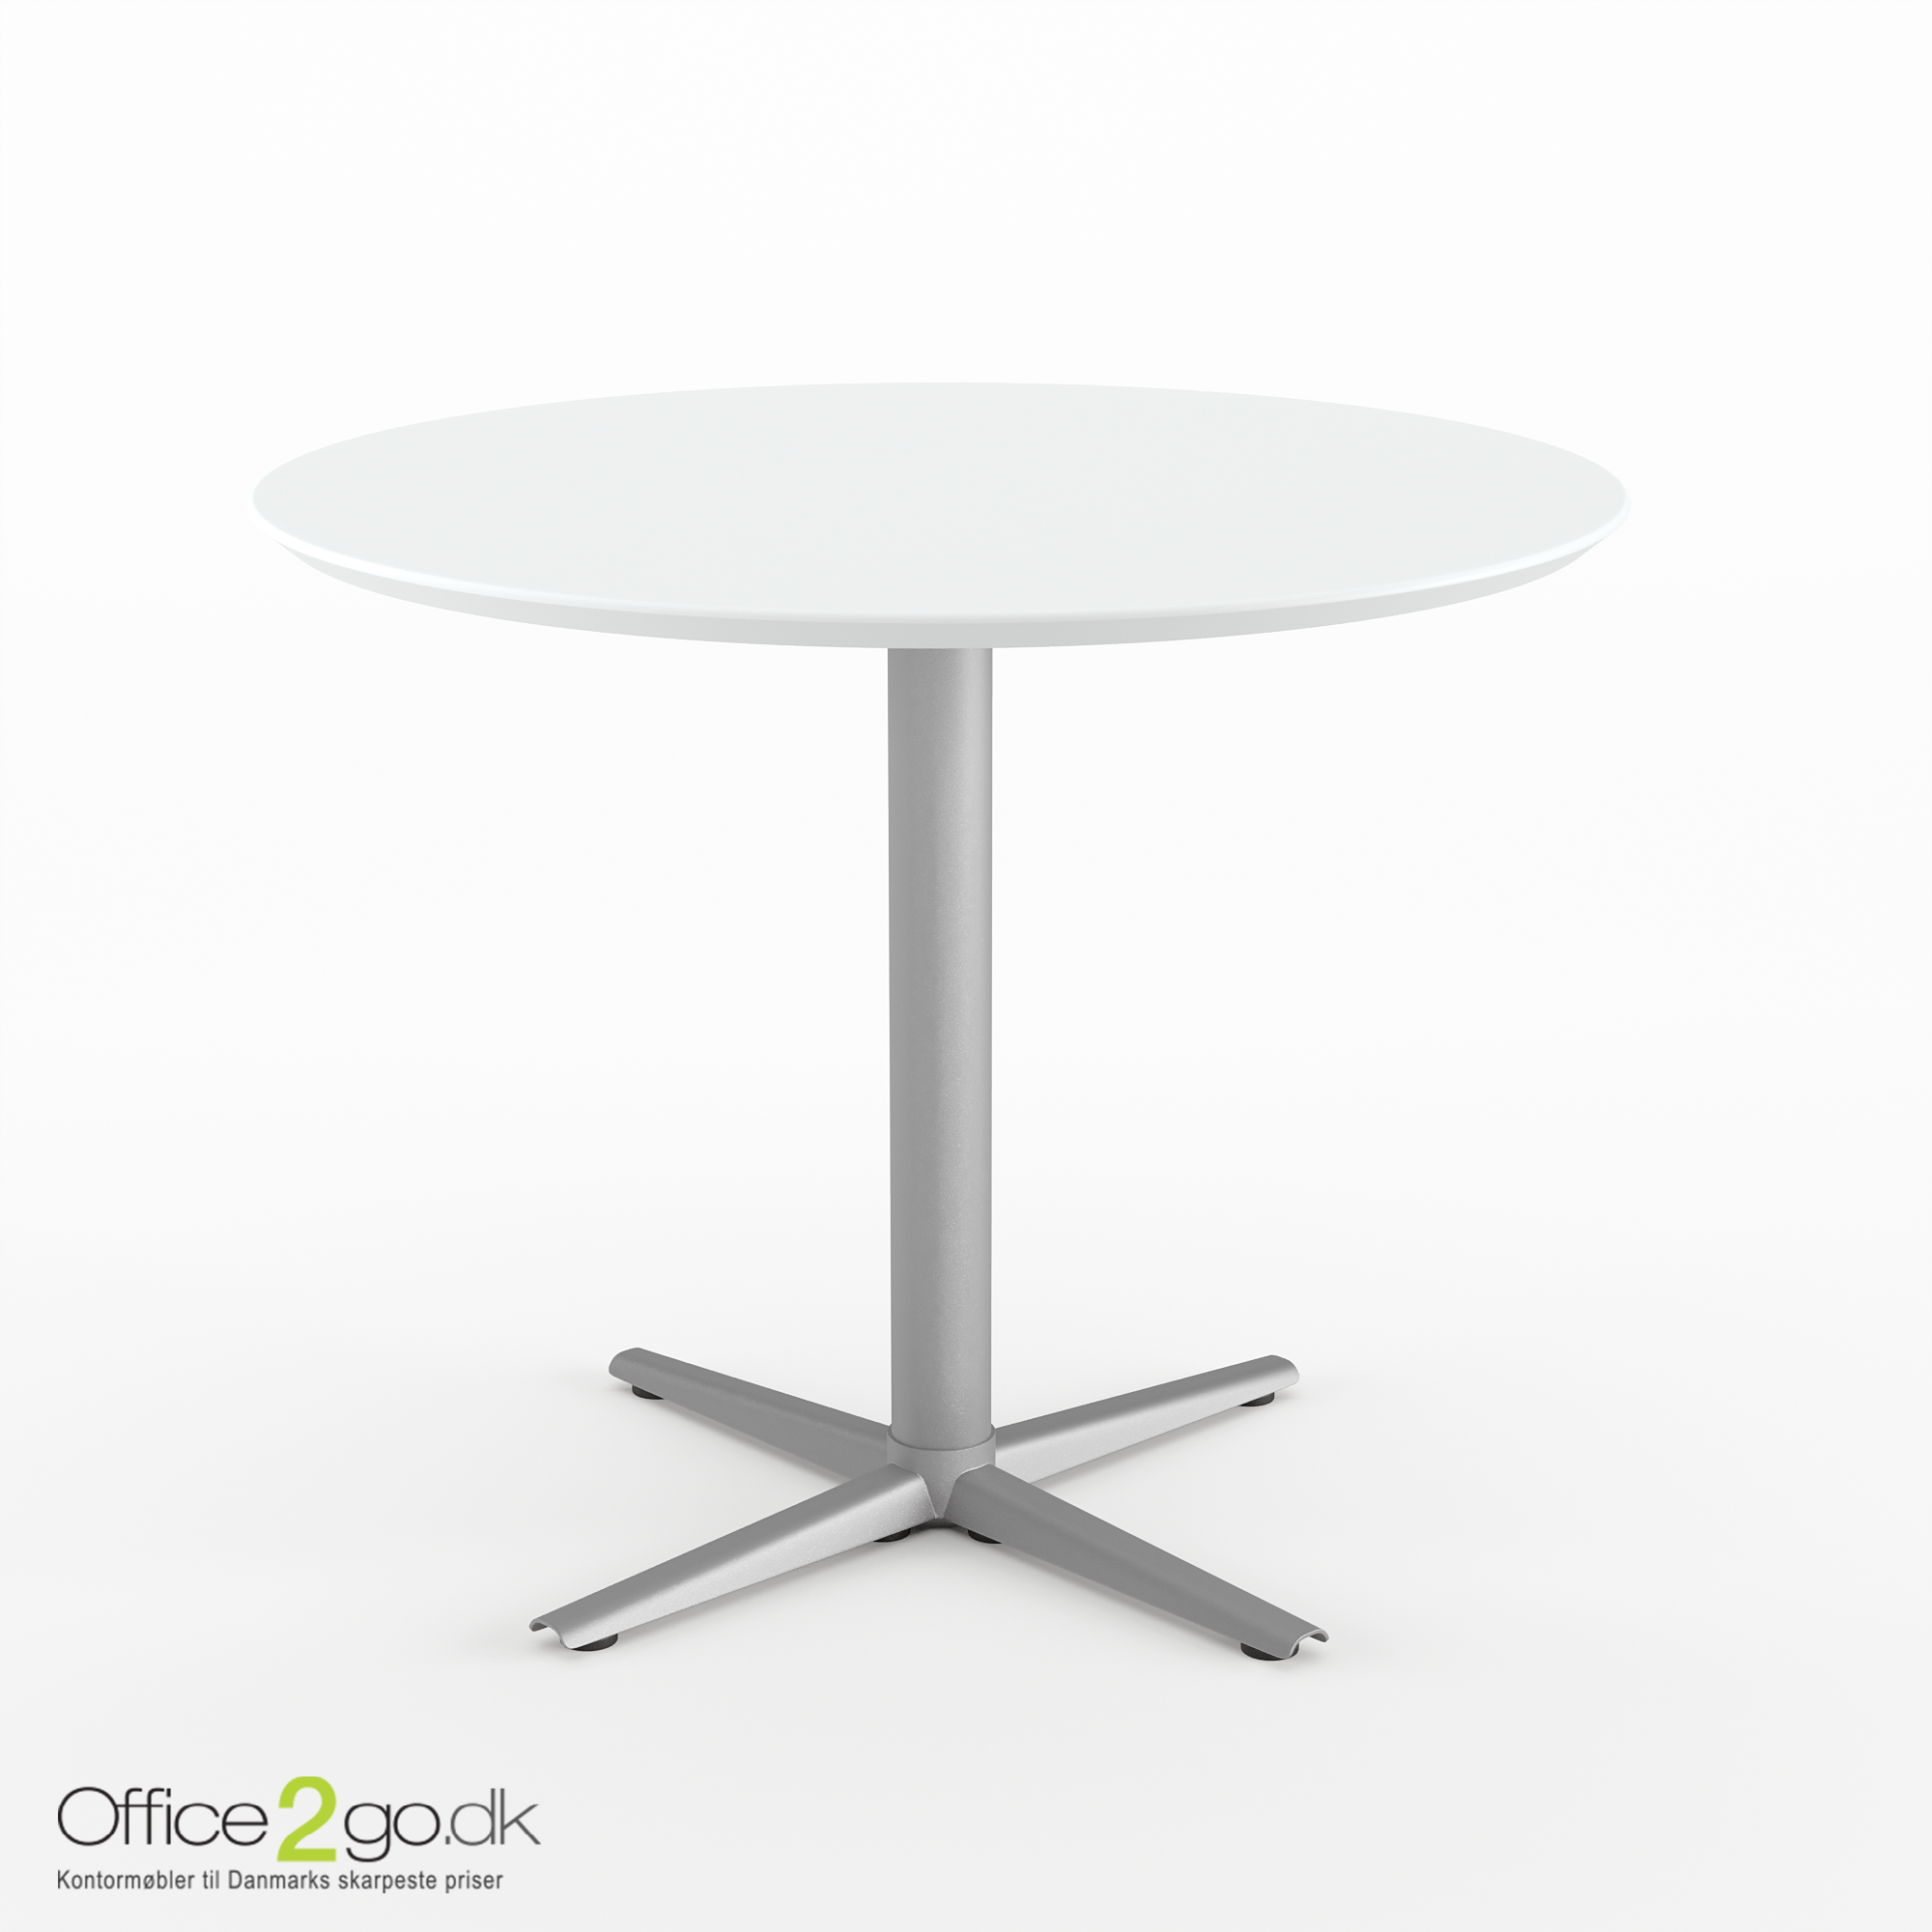 Switch mødebord - 4 personer - Ø 90 cm